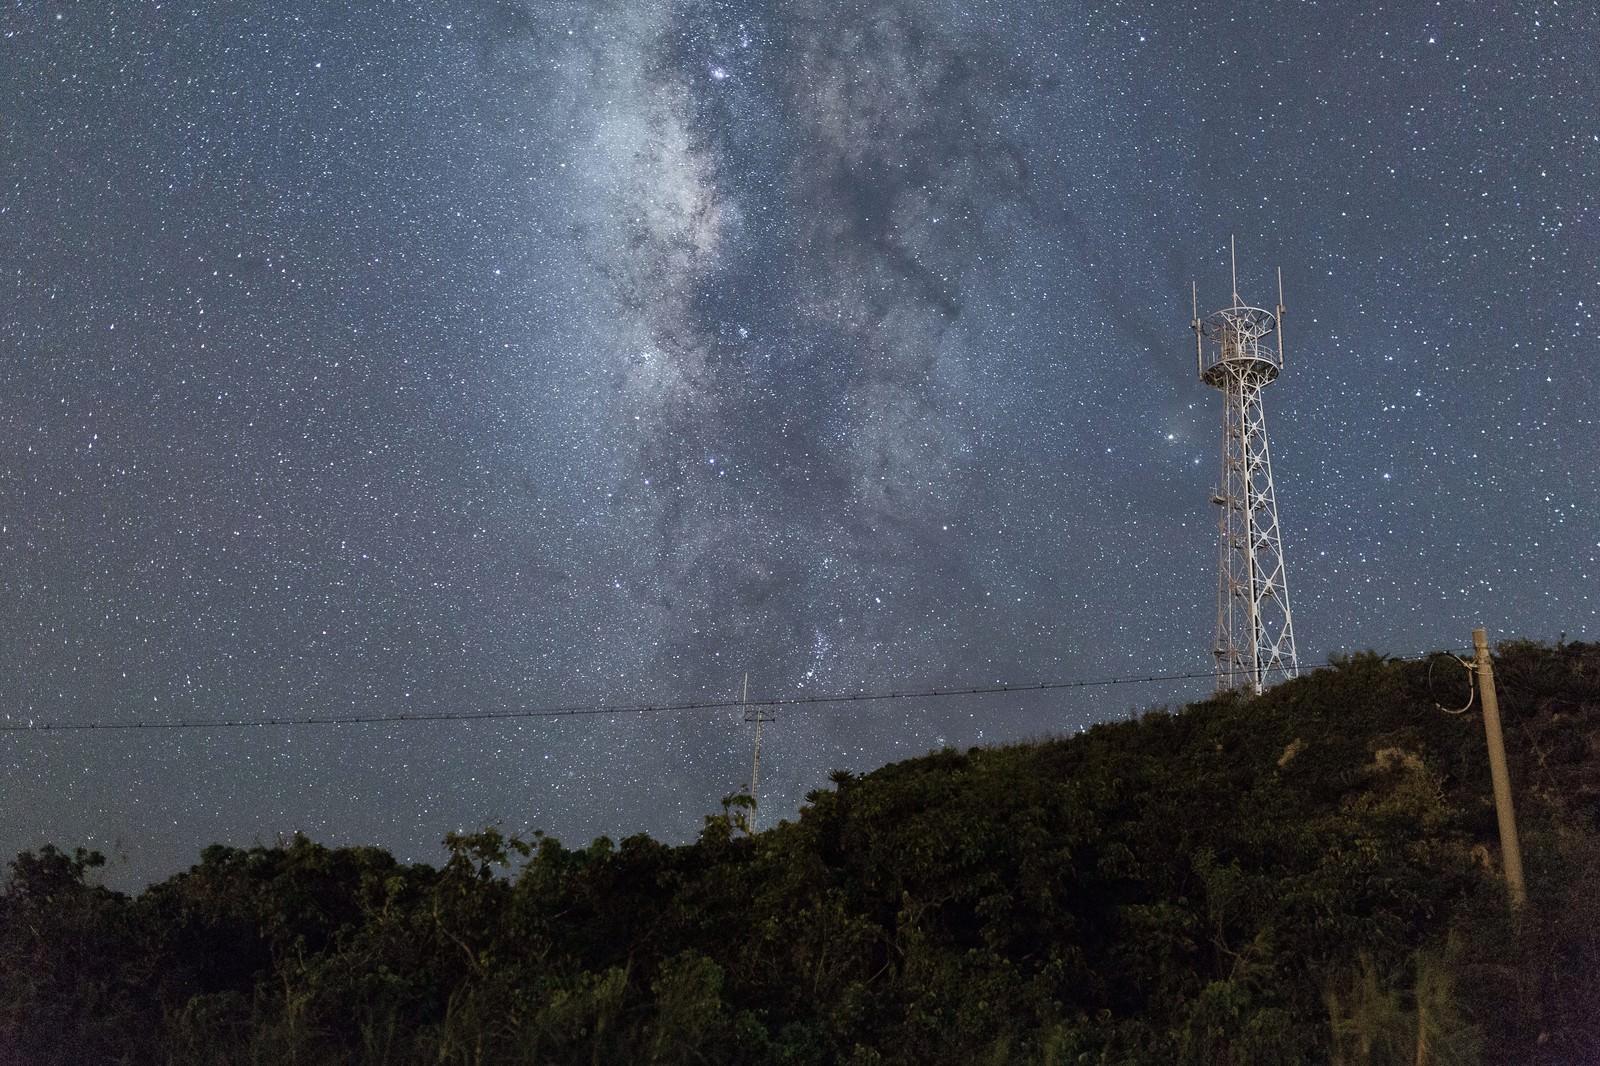 「島と鉄塔と星空」の写真